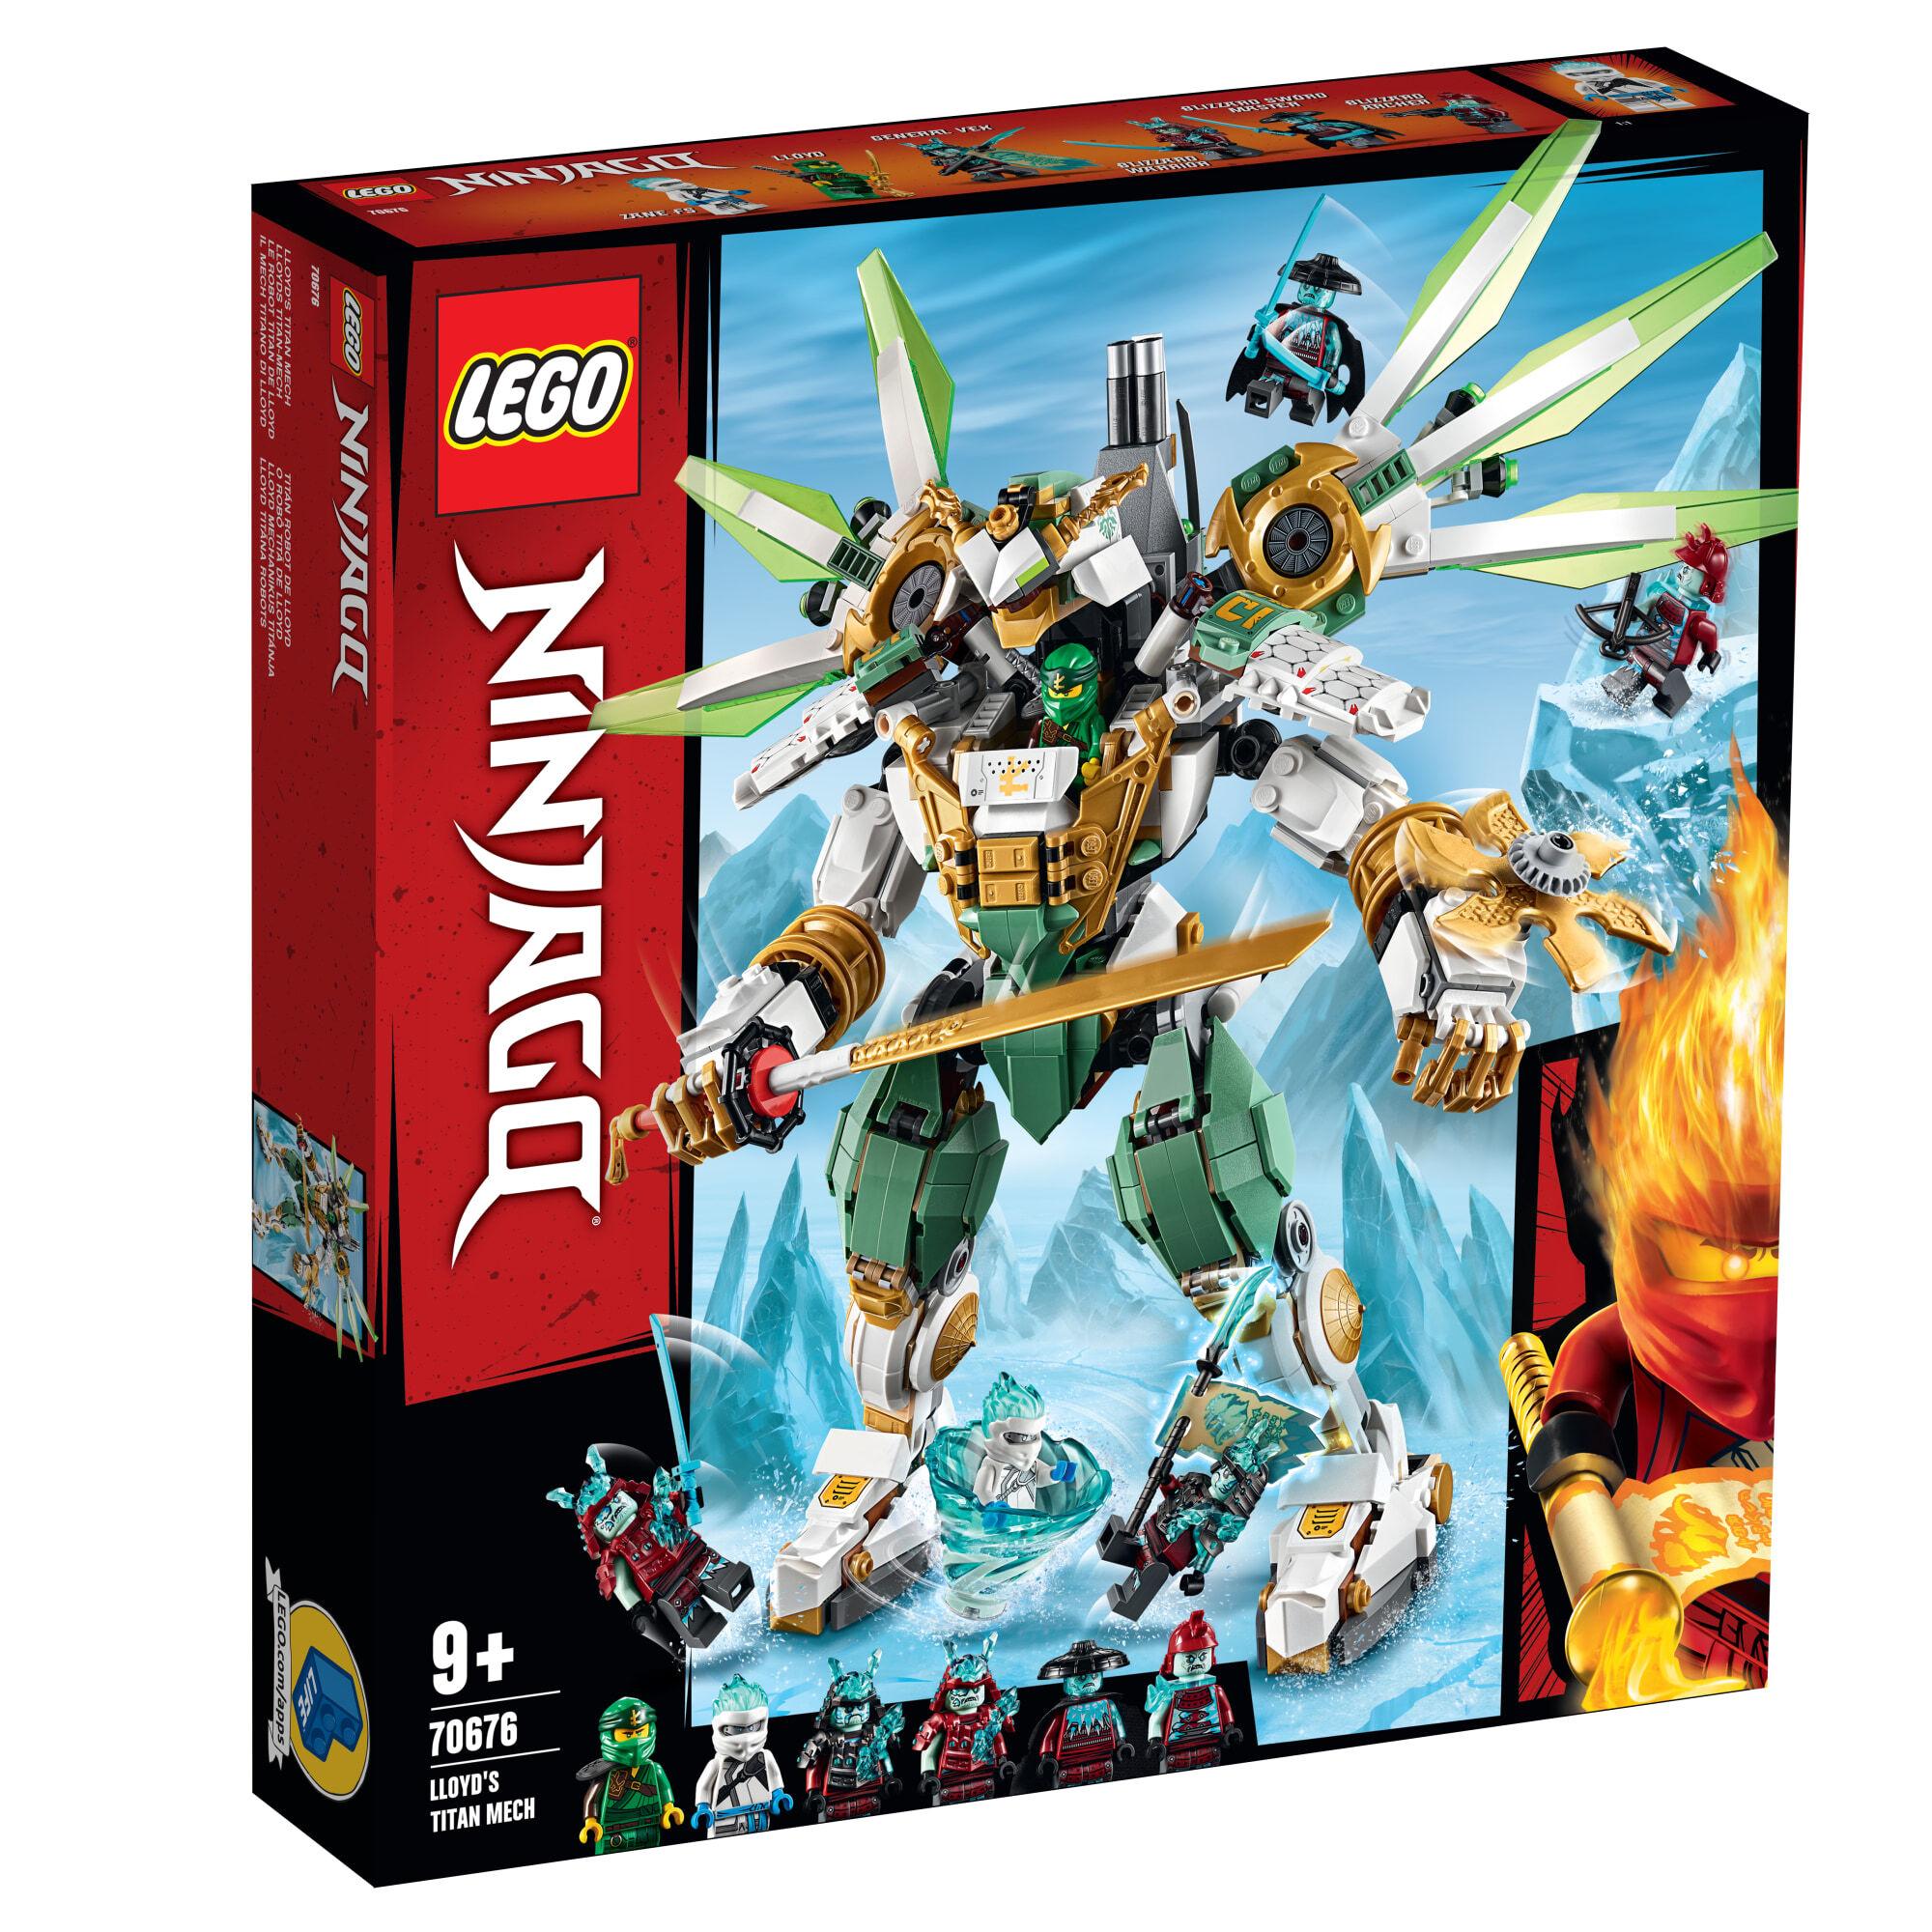 Lego 70676 Ninjago Lloydin titaanirobotti